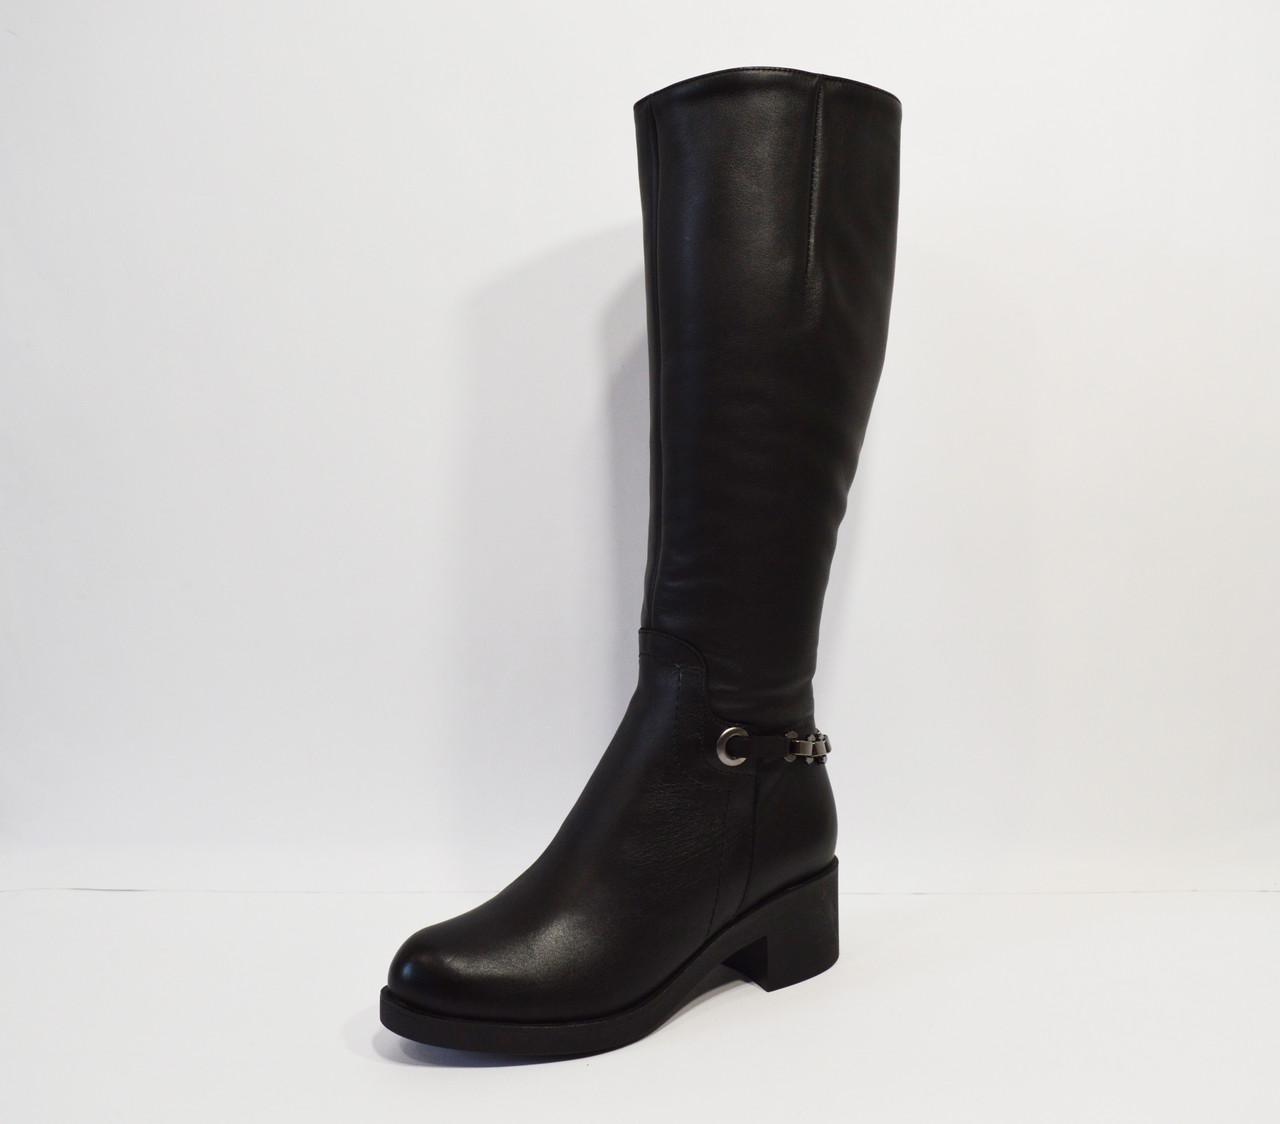 Зимние кожаные сапоги Alpino 2040